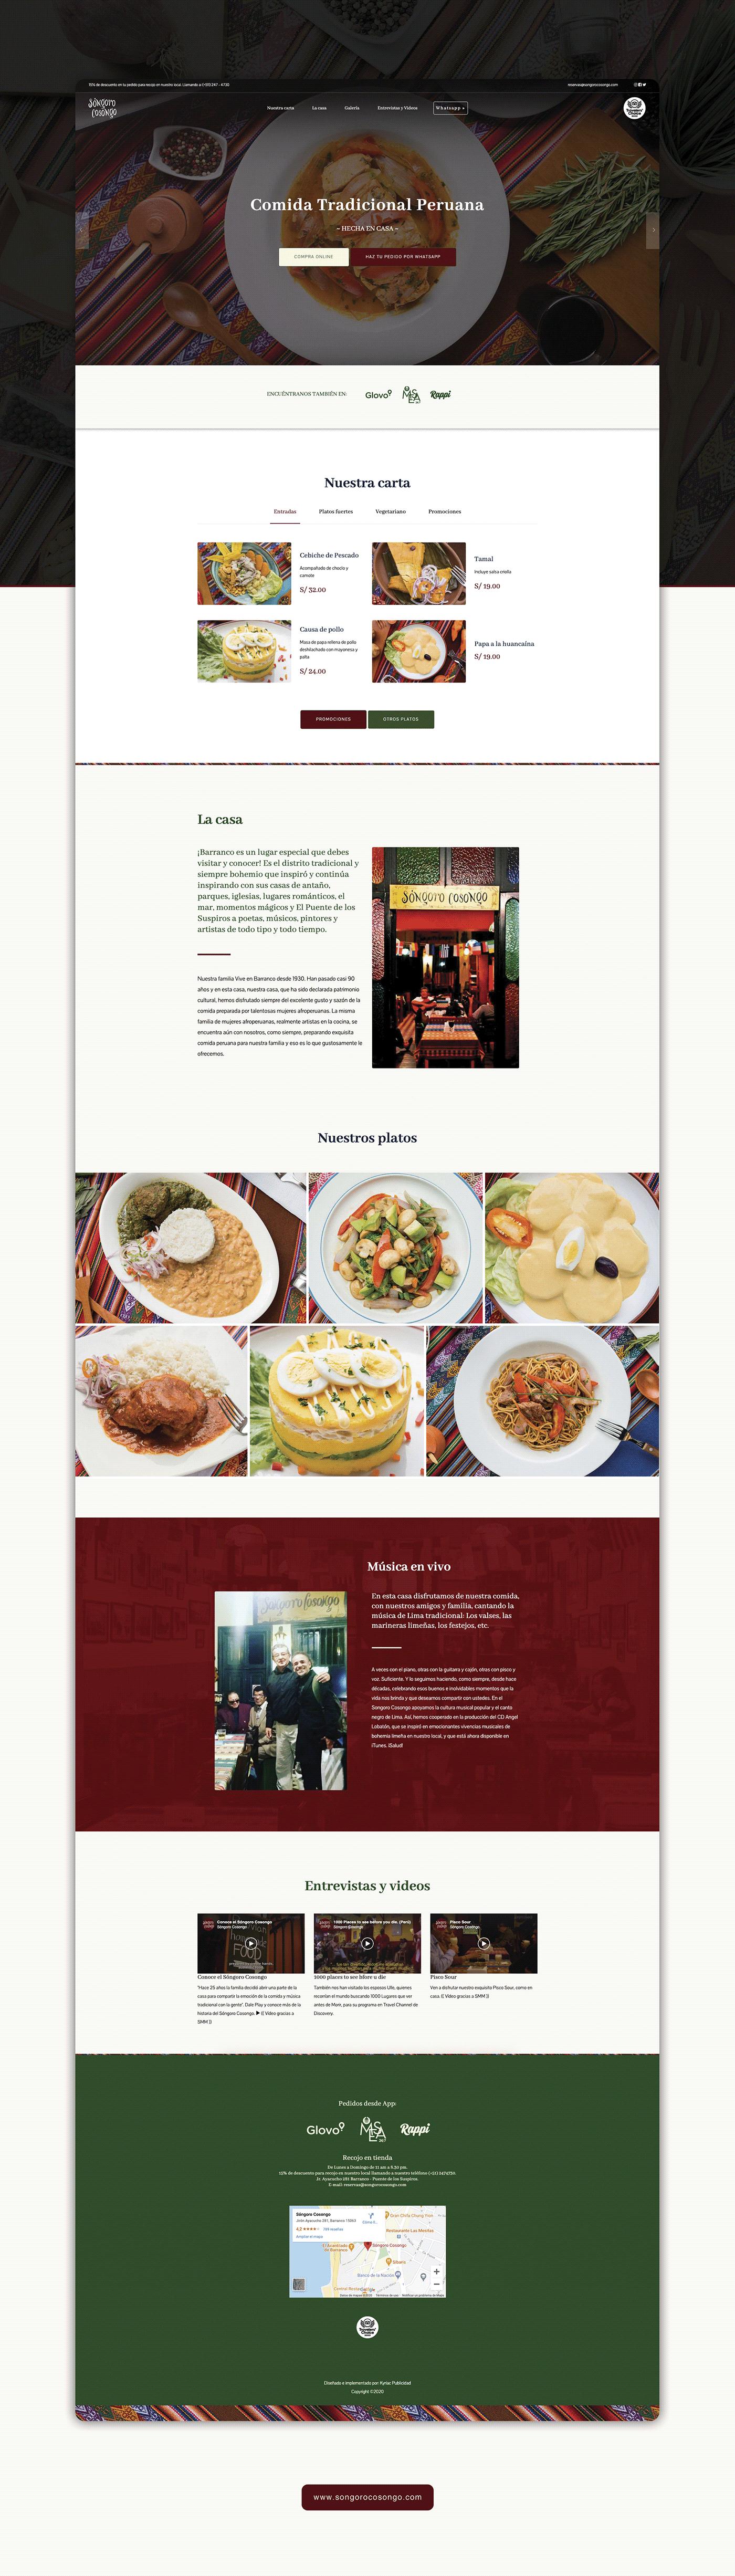 branding  Diseño web identidad visual landing page Logotipo rediseño